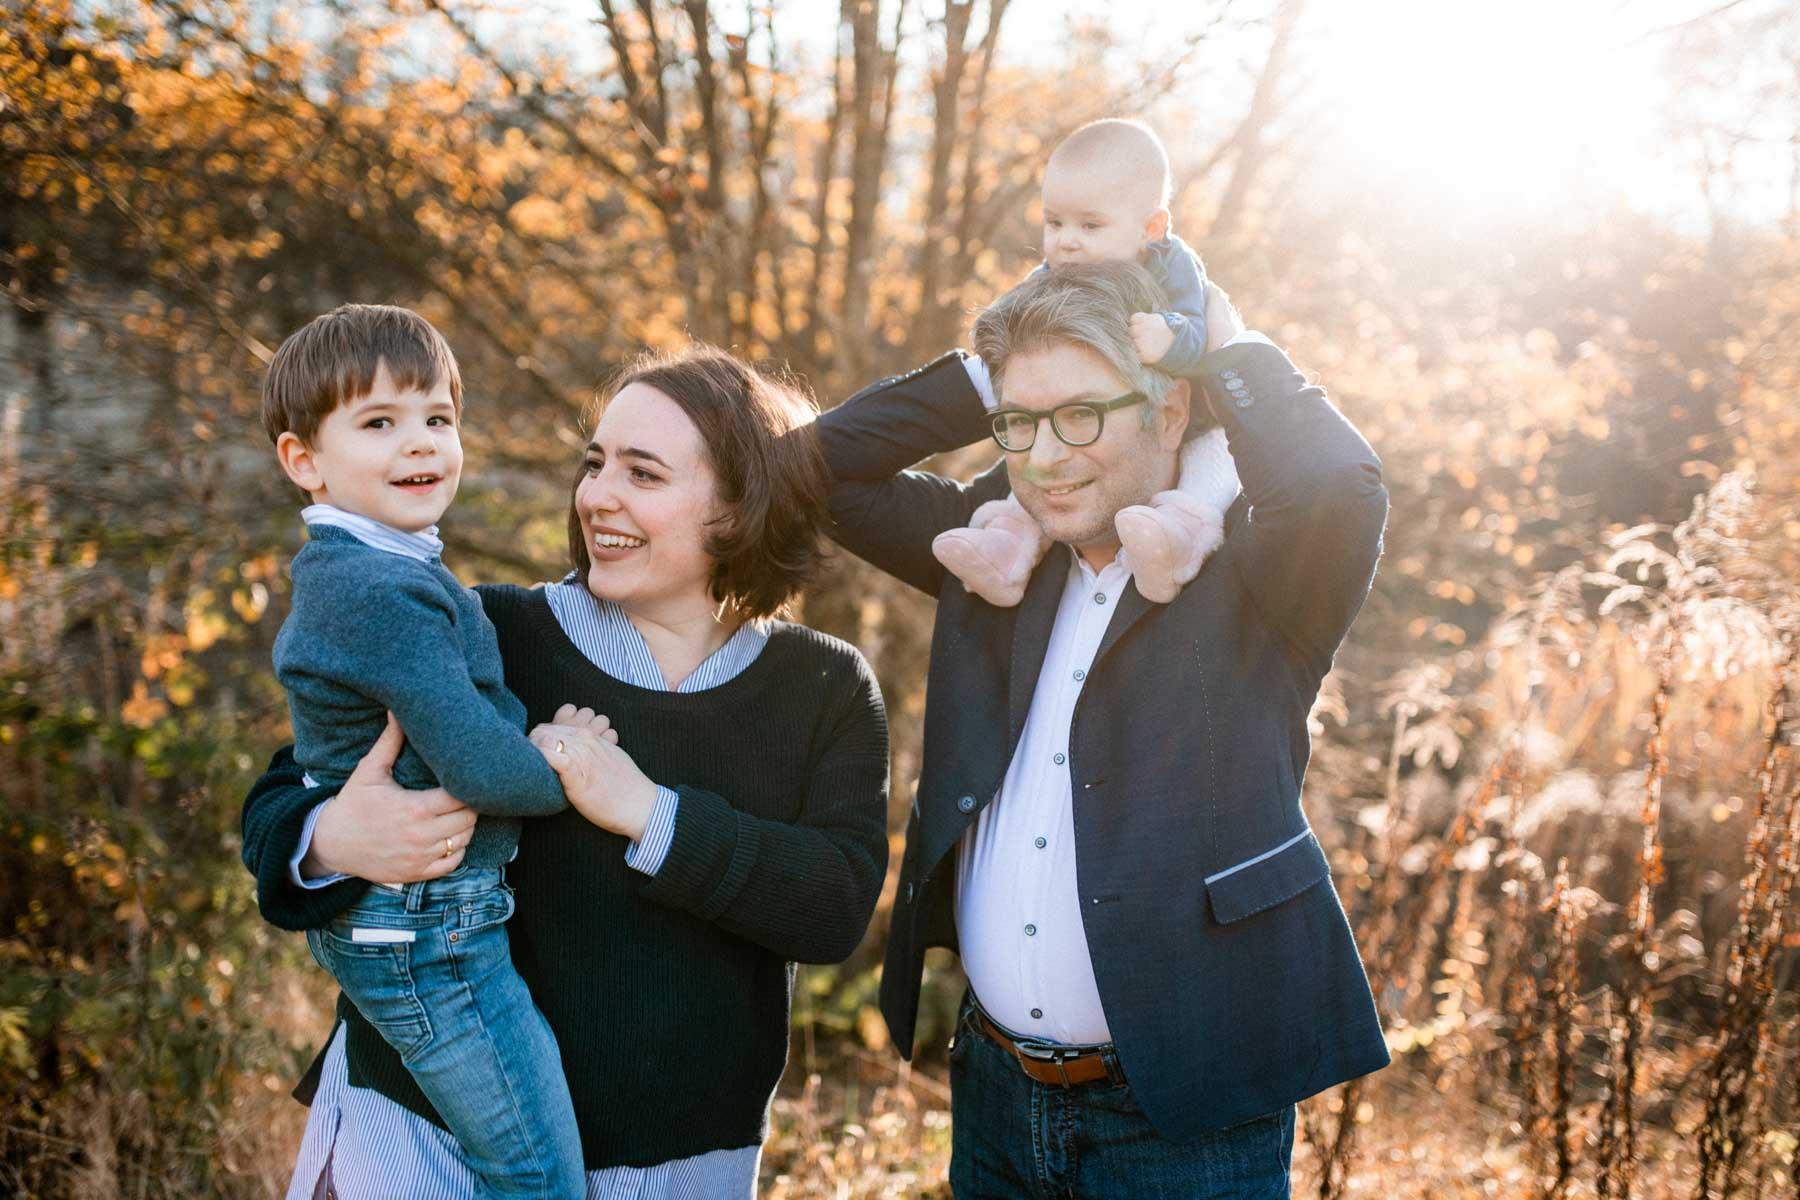 Familienshooting in Leutenbach - natürliche Familienfotos in Leutenbach